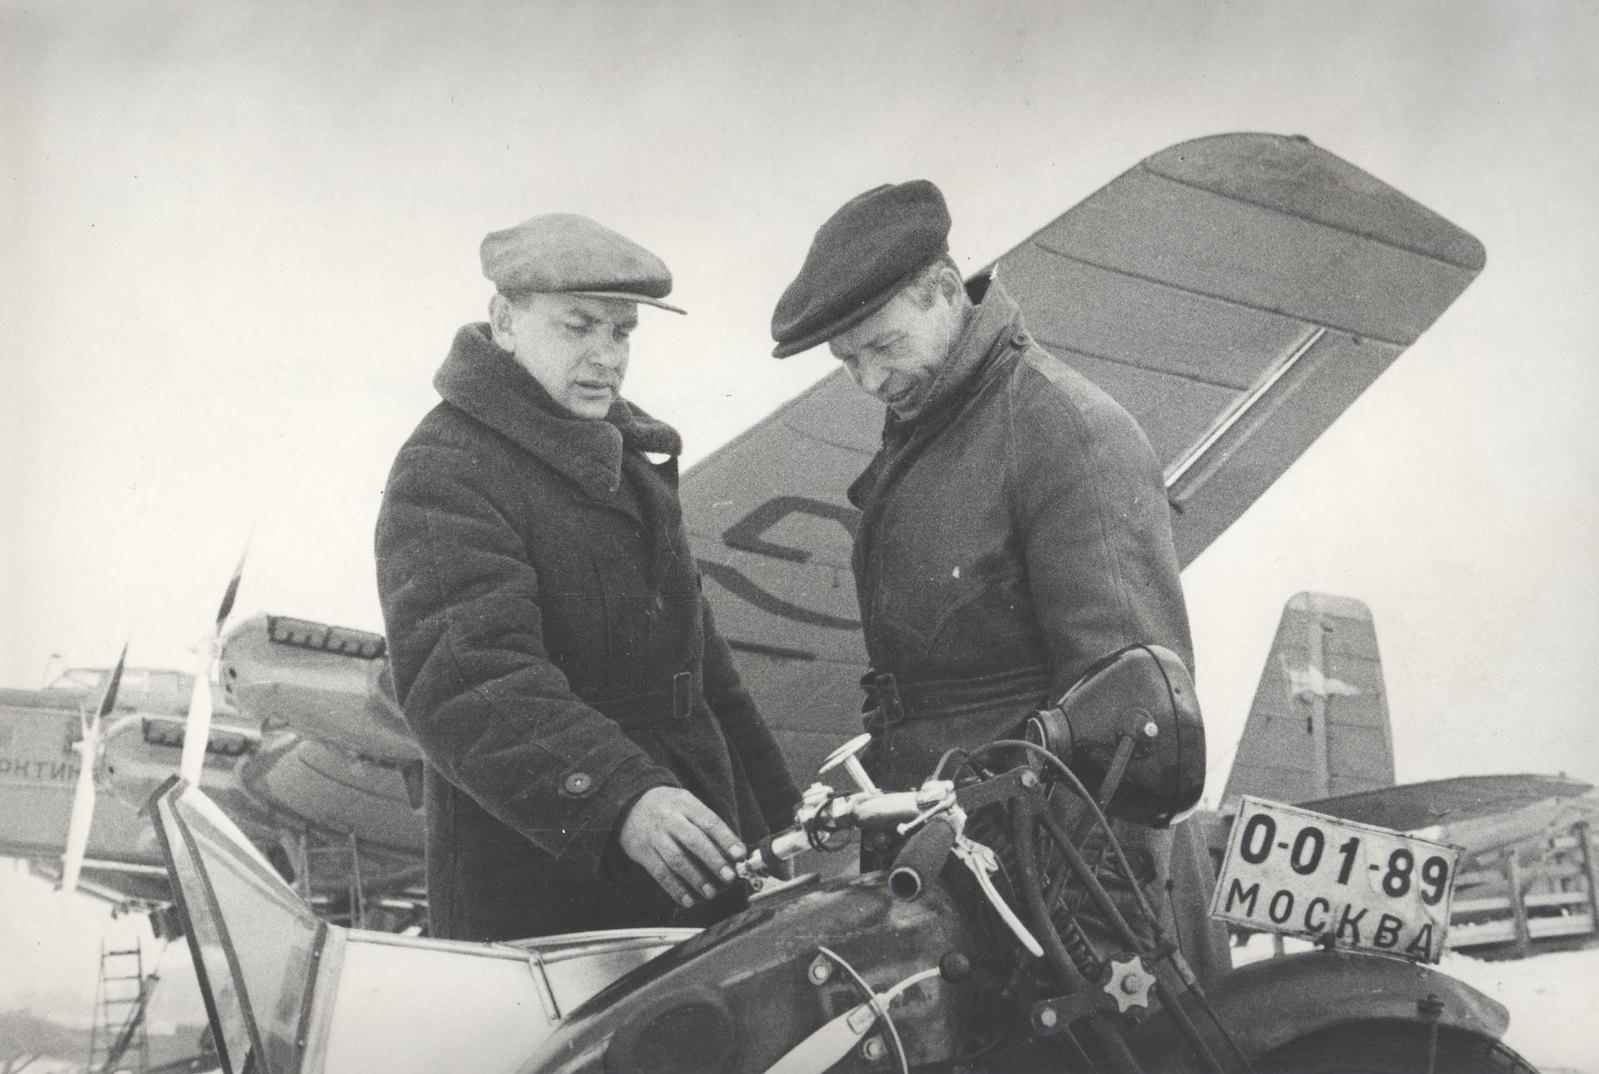 1934. Участники экспедиции по спасению челюскинцев. Летчик Молоков В.С.